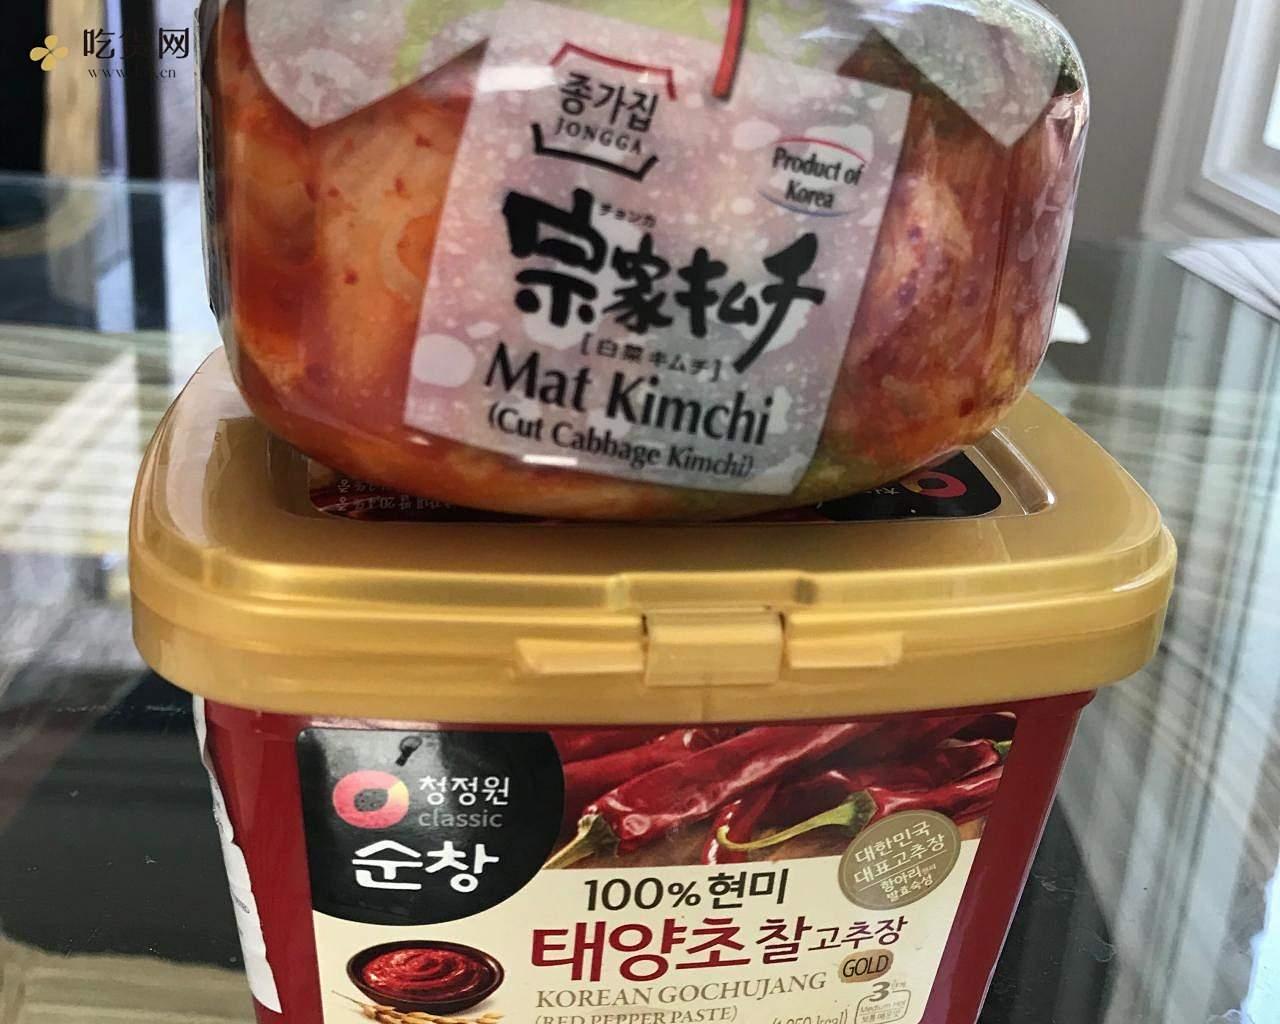 清爽开胃韩式拌饭(健康减脂糙米)拌凉面(荞麦面)的做法 步骤3